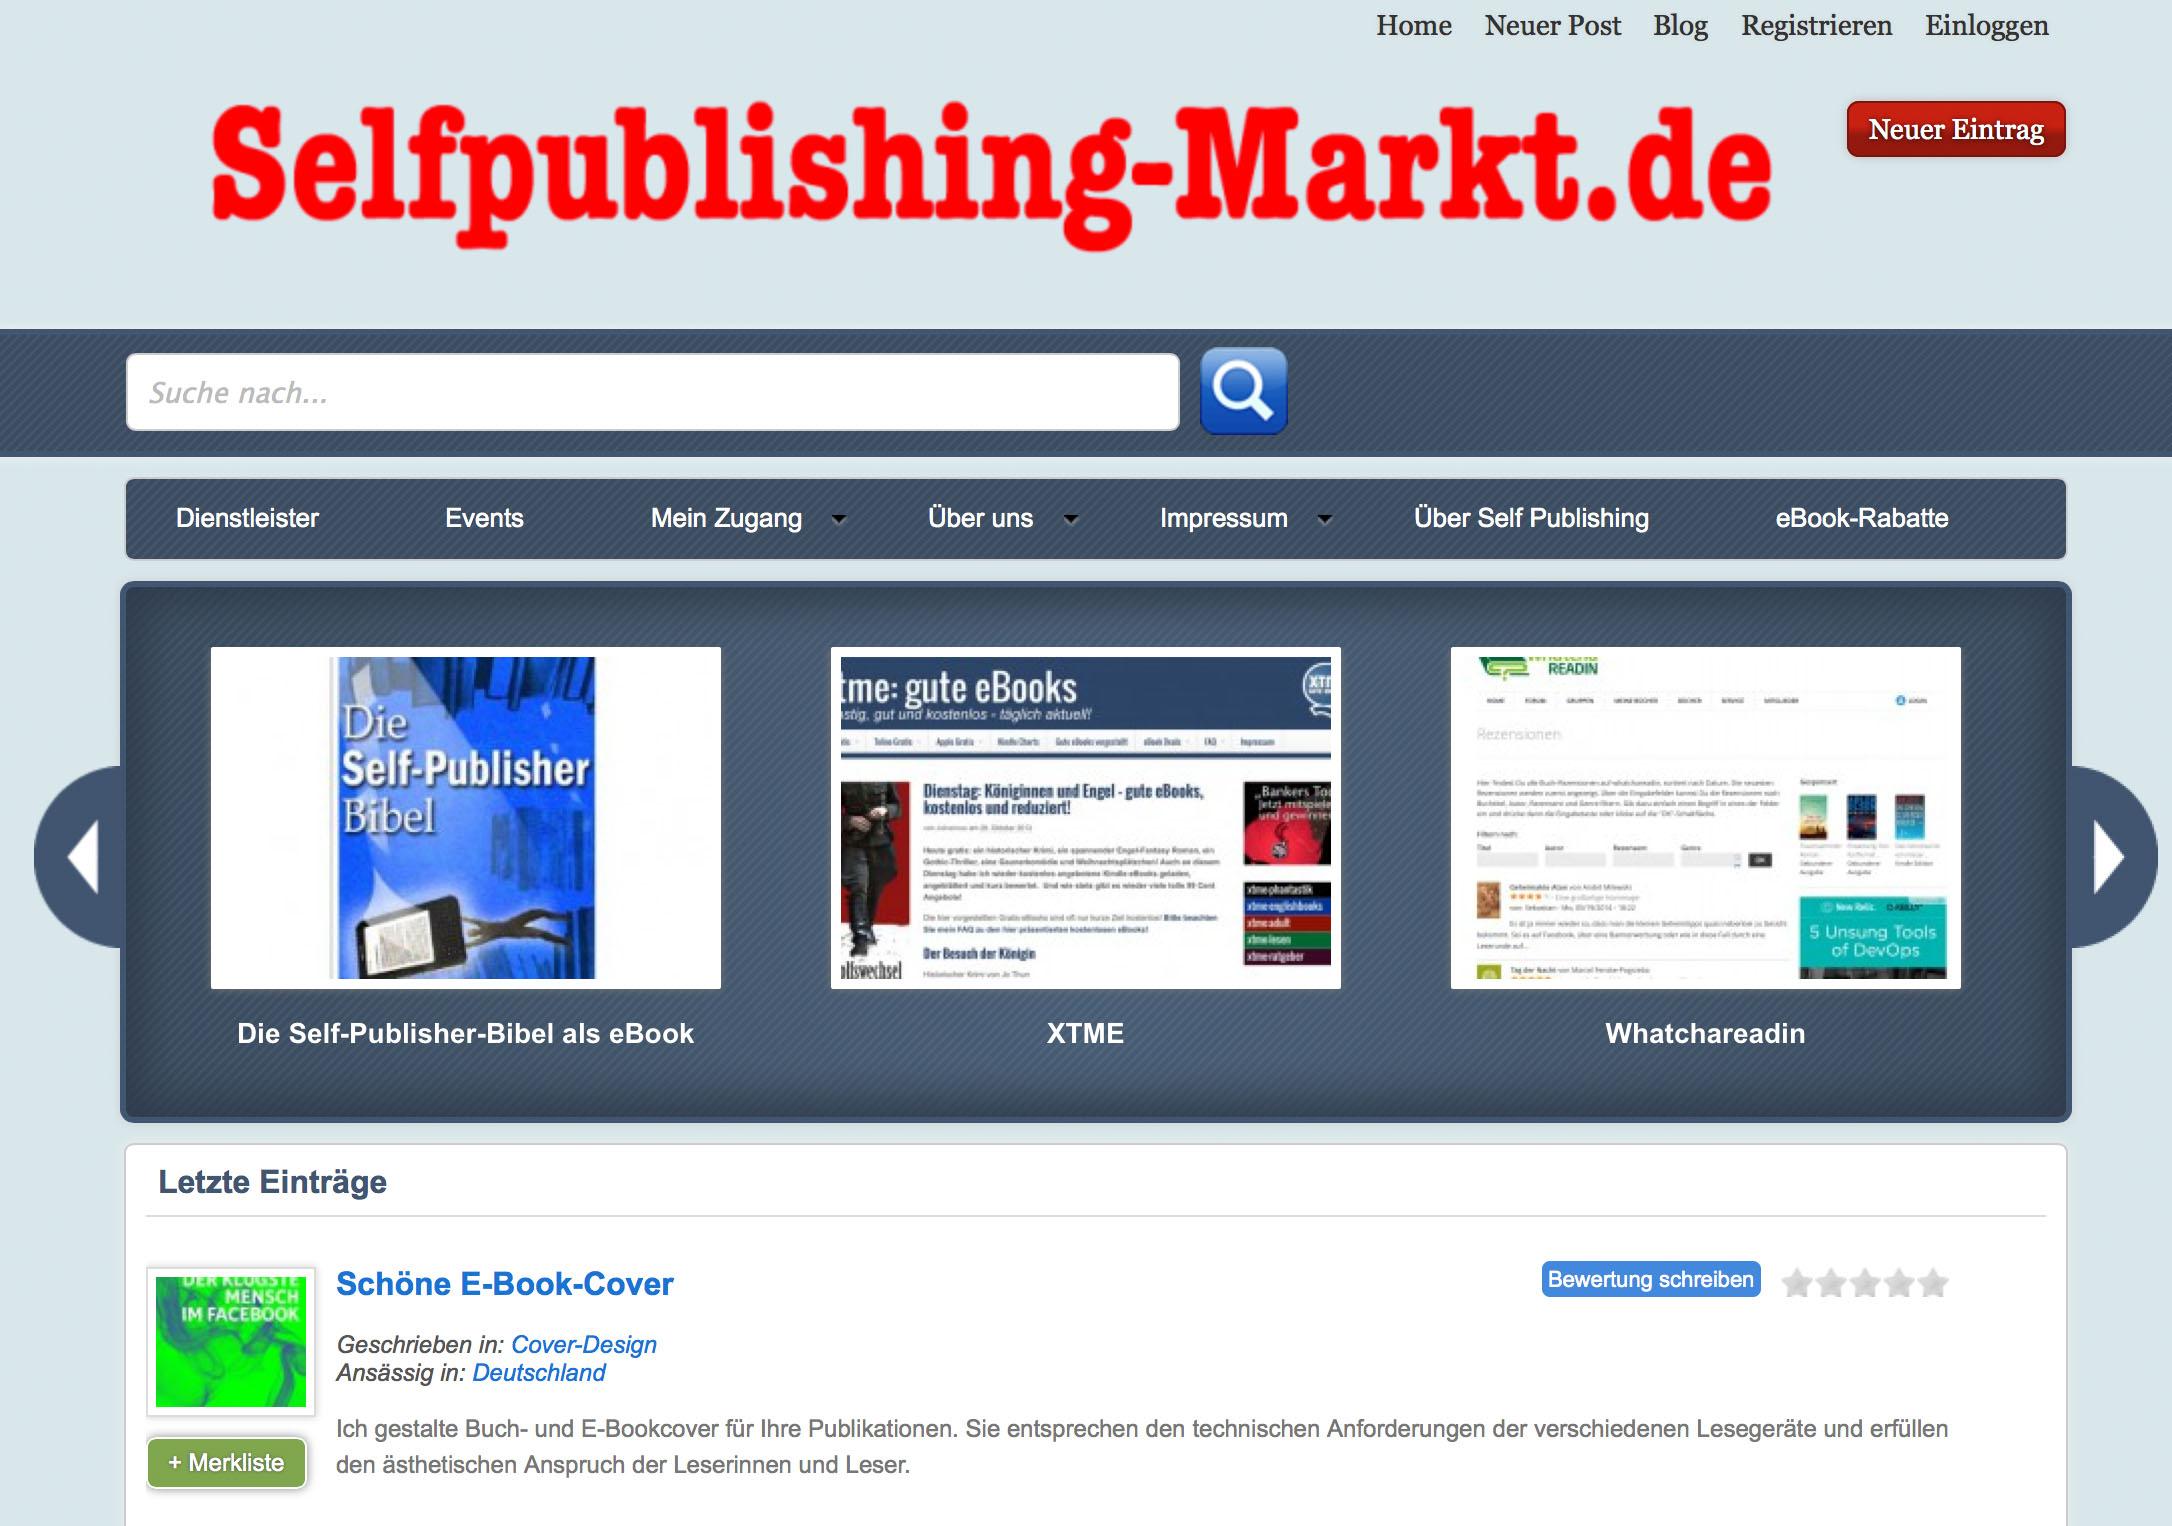 Selfpublishing-Markt.de